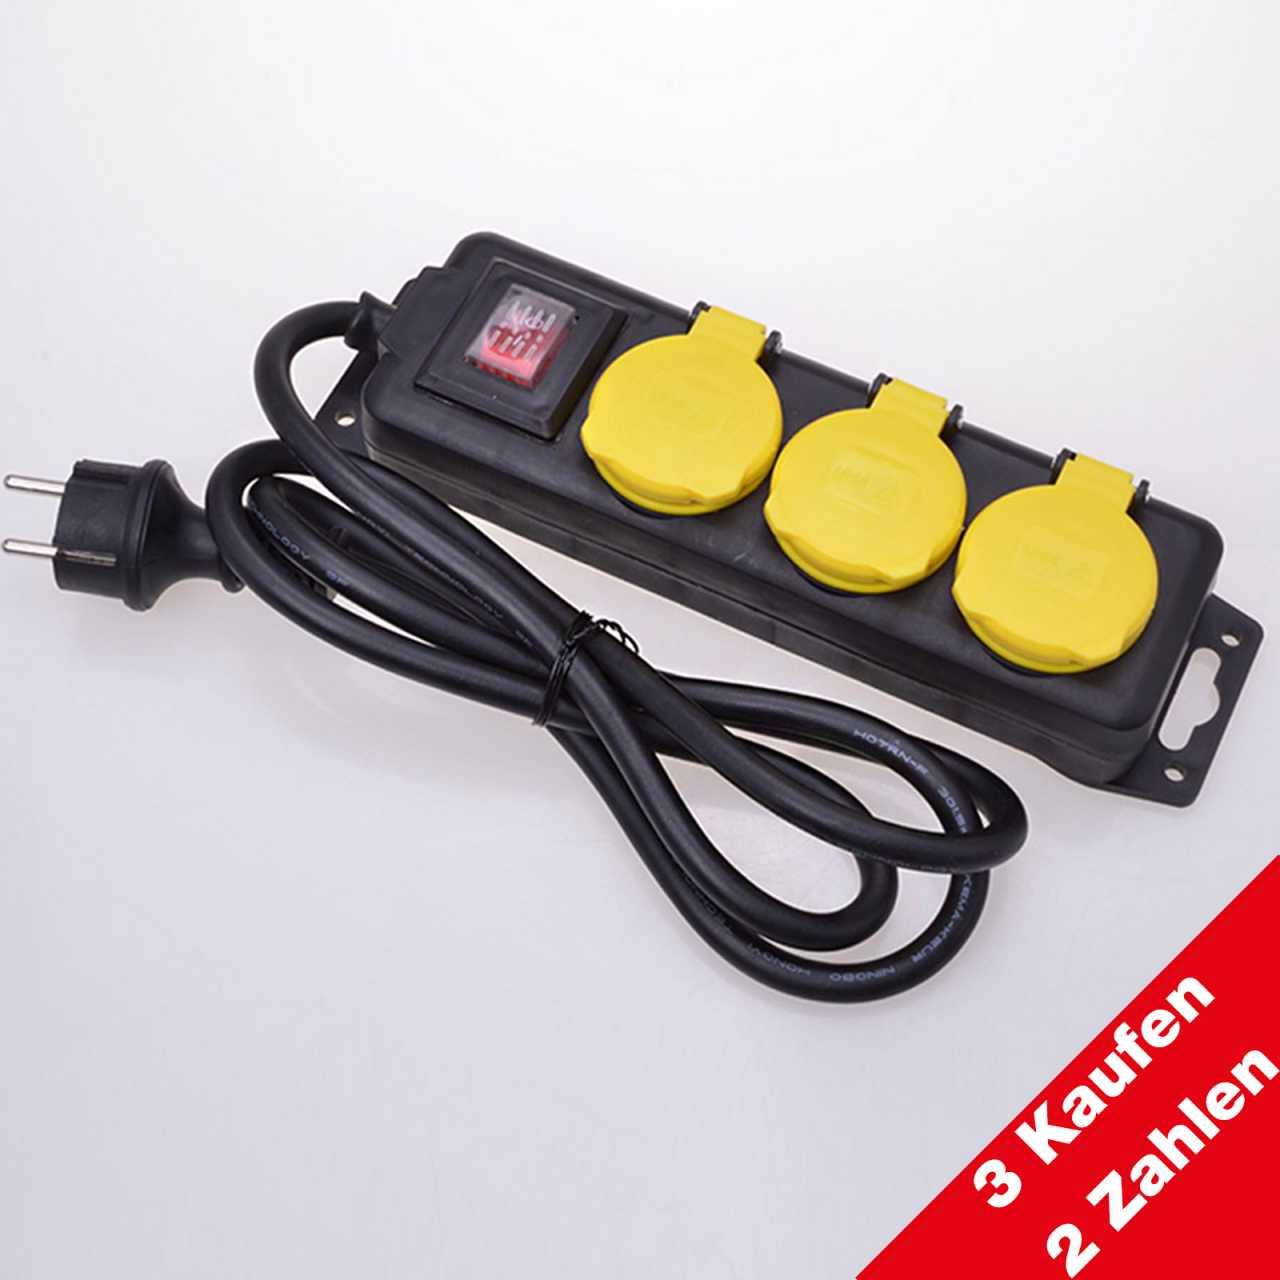 Aktion: 3 Kaufen 2 Zahlen 3-fach Steckdosenleiste mit Schalter für den Außenbereich